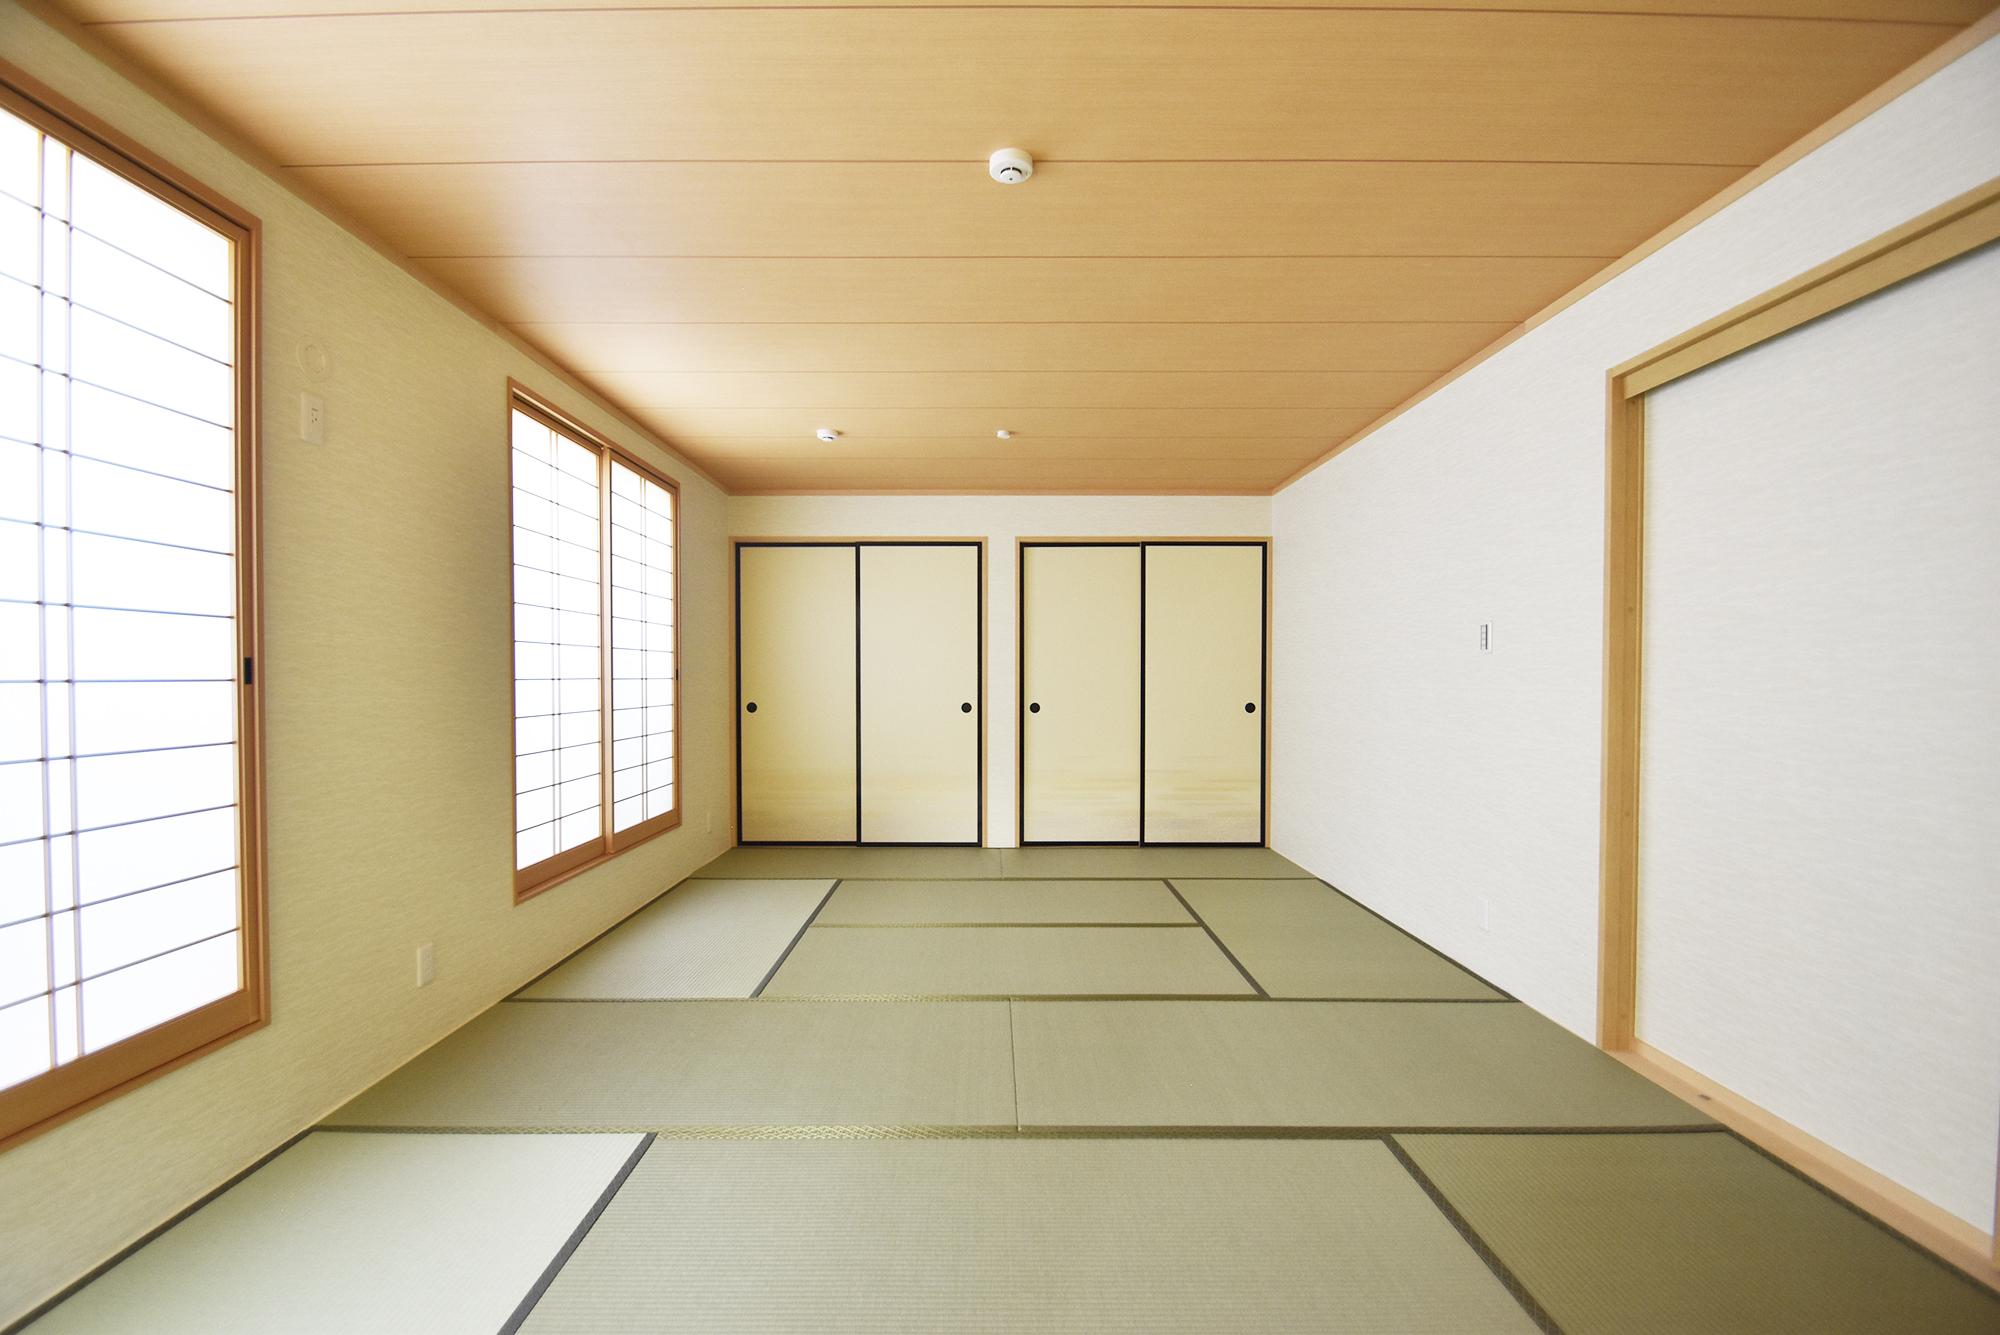 柱なしで広い空間を木造建築で実現出来て感動しております。の画像